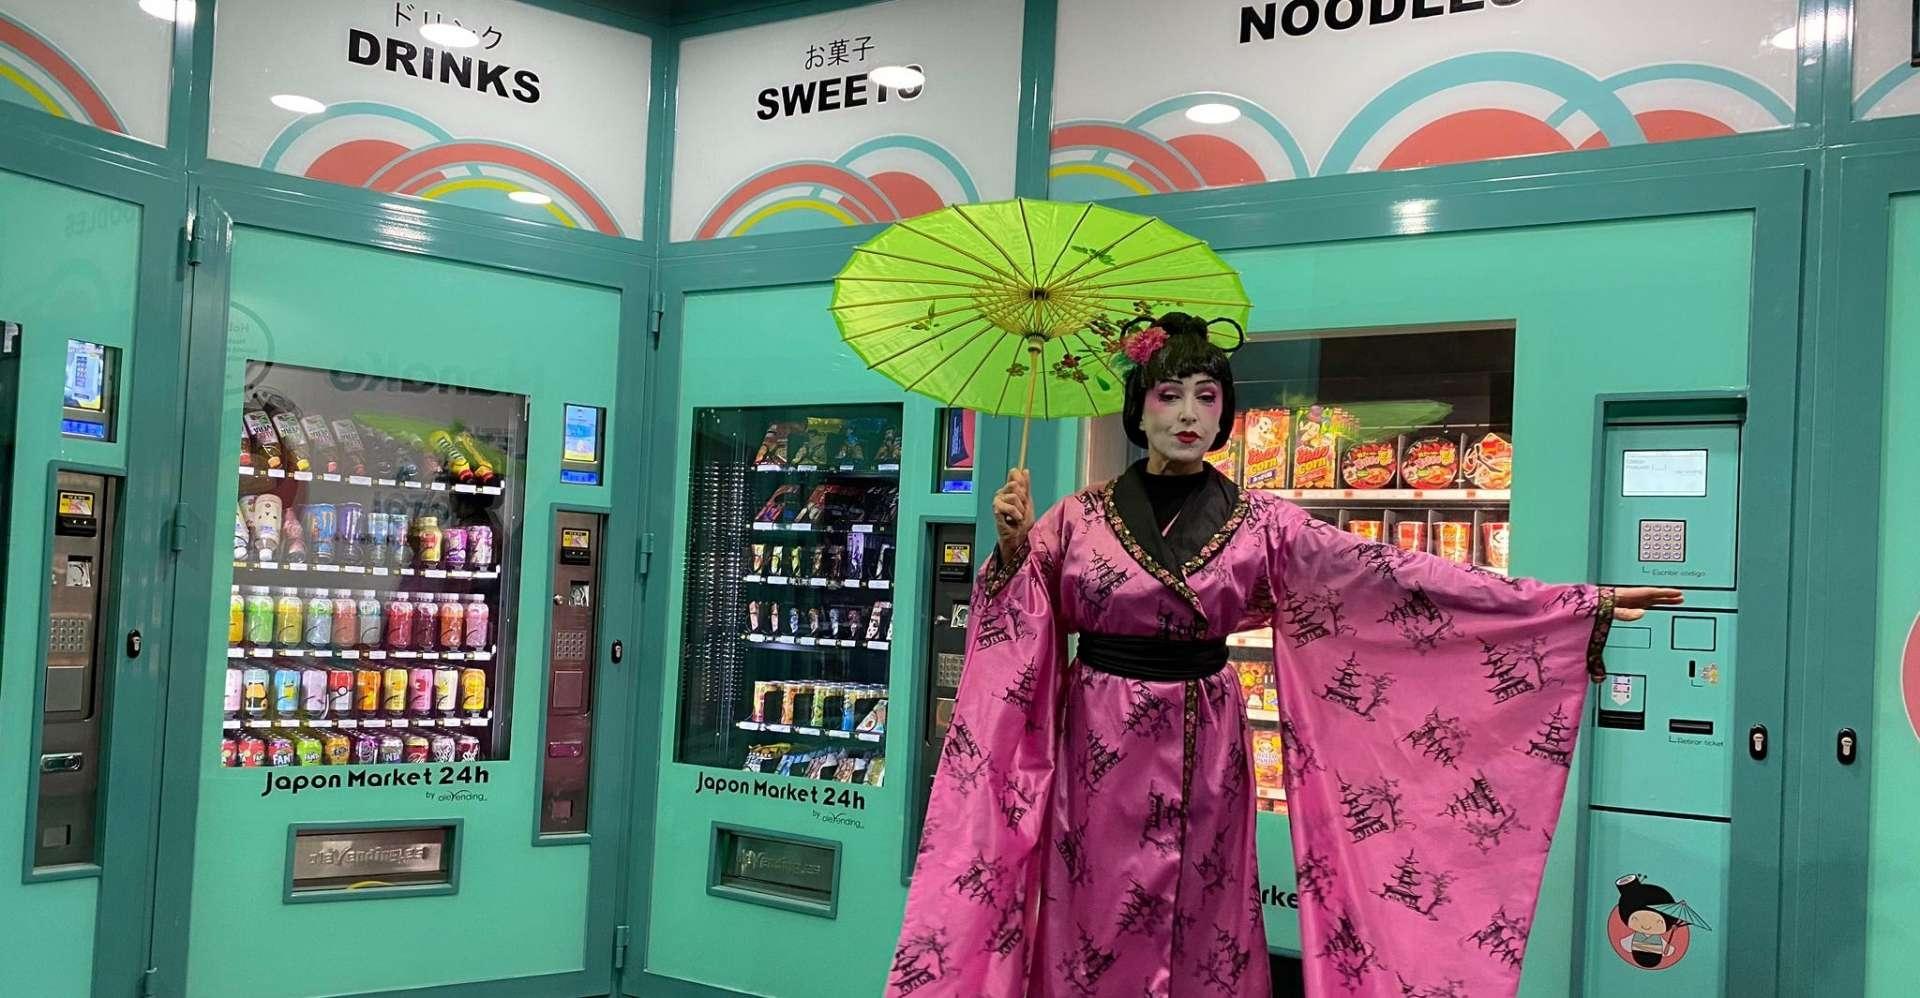 Japon Market 24 h Olevending